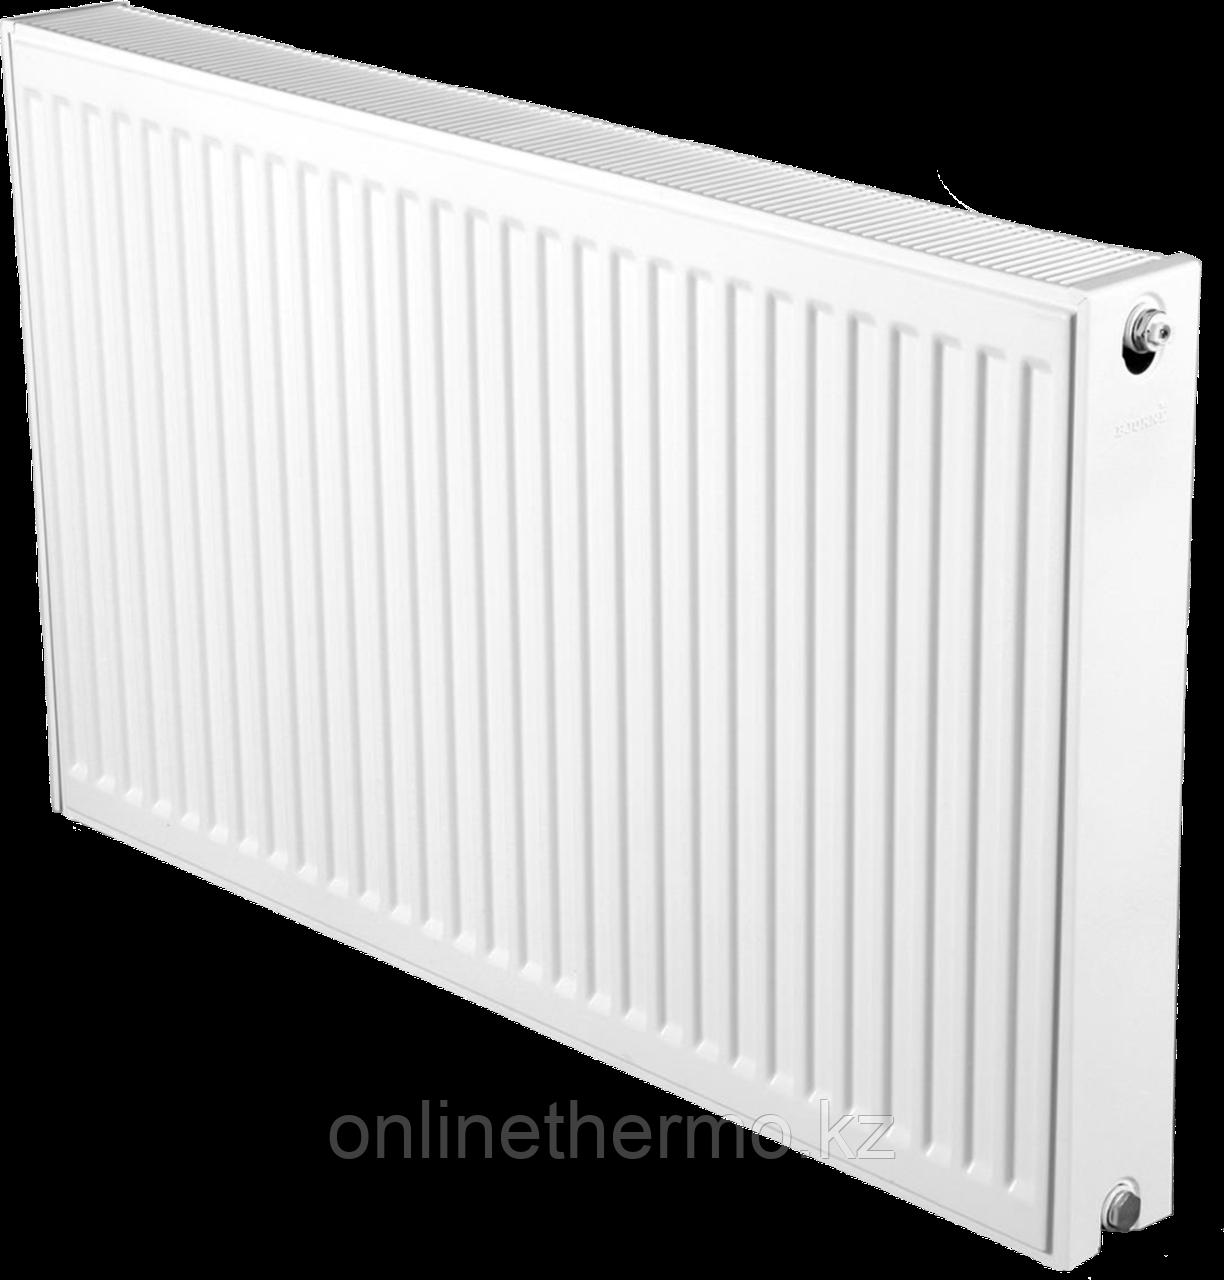 Радиатор стальной тип 22K H500мм*L1800мм панельный Bjorne боковое подключение - фото 1